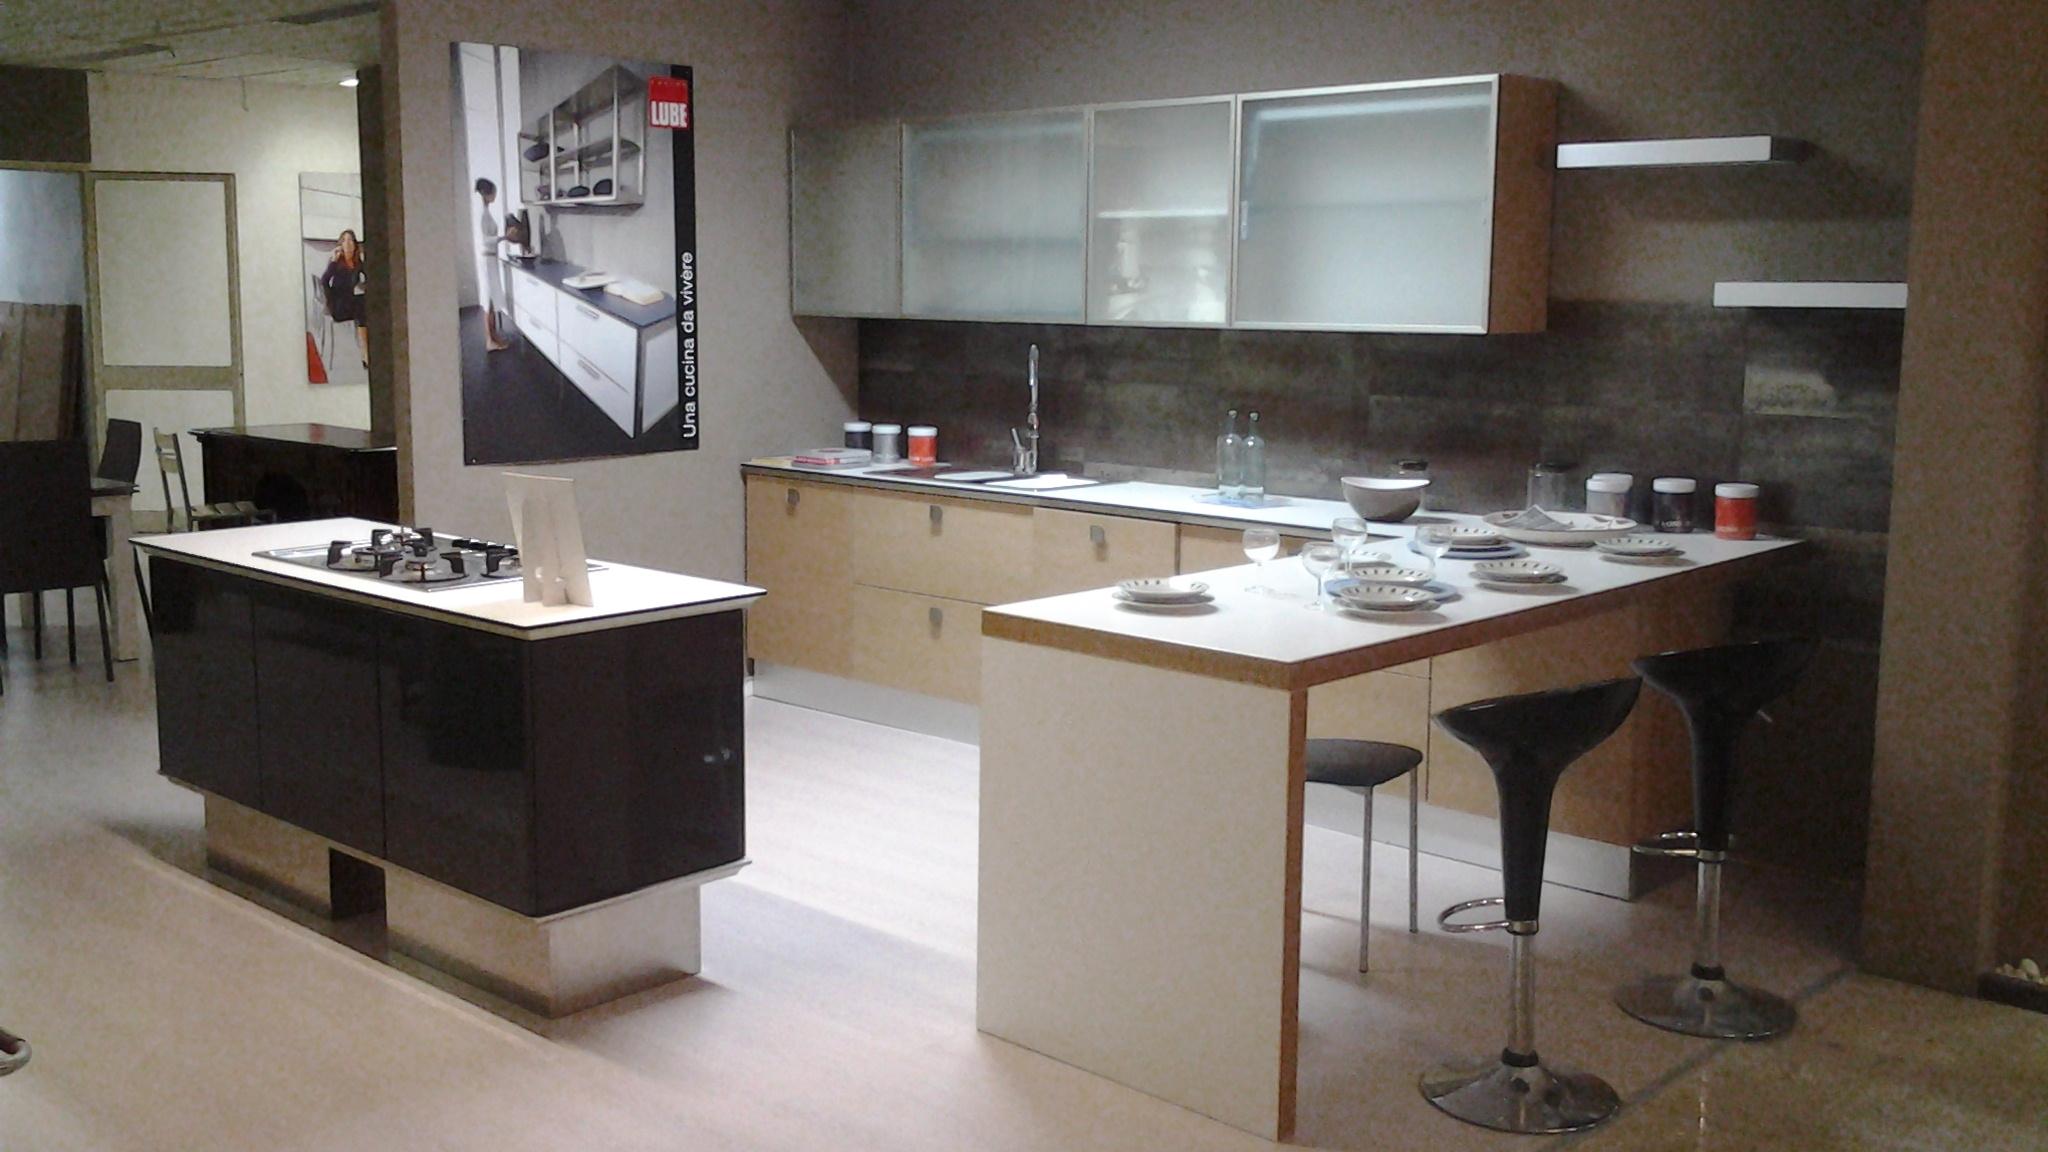 cucina lube expo' scontata - cucine a prezzi scontati - Arredo Bagno Lube